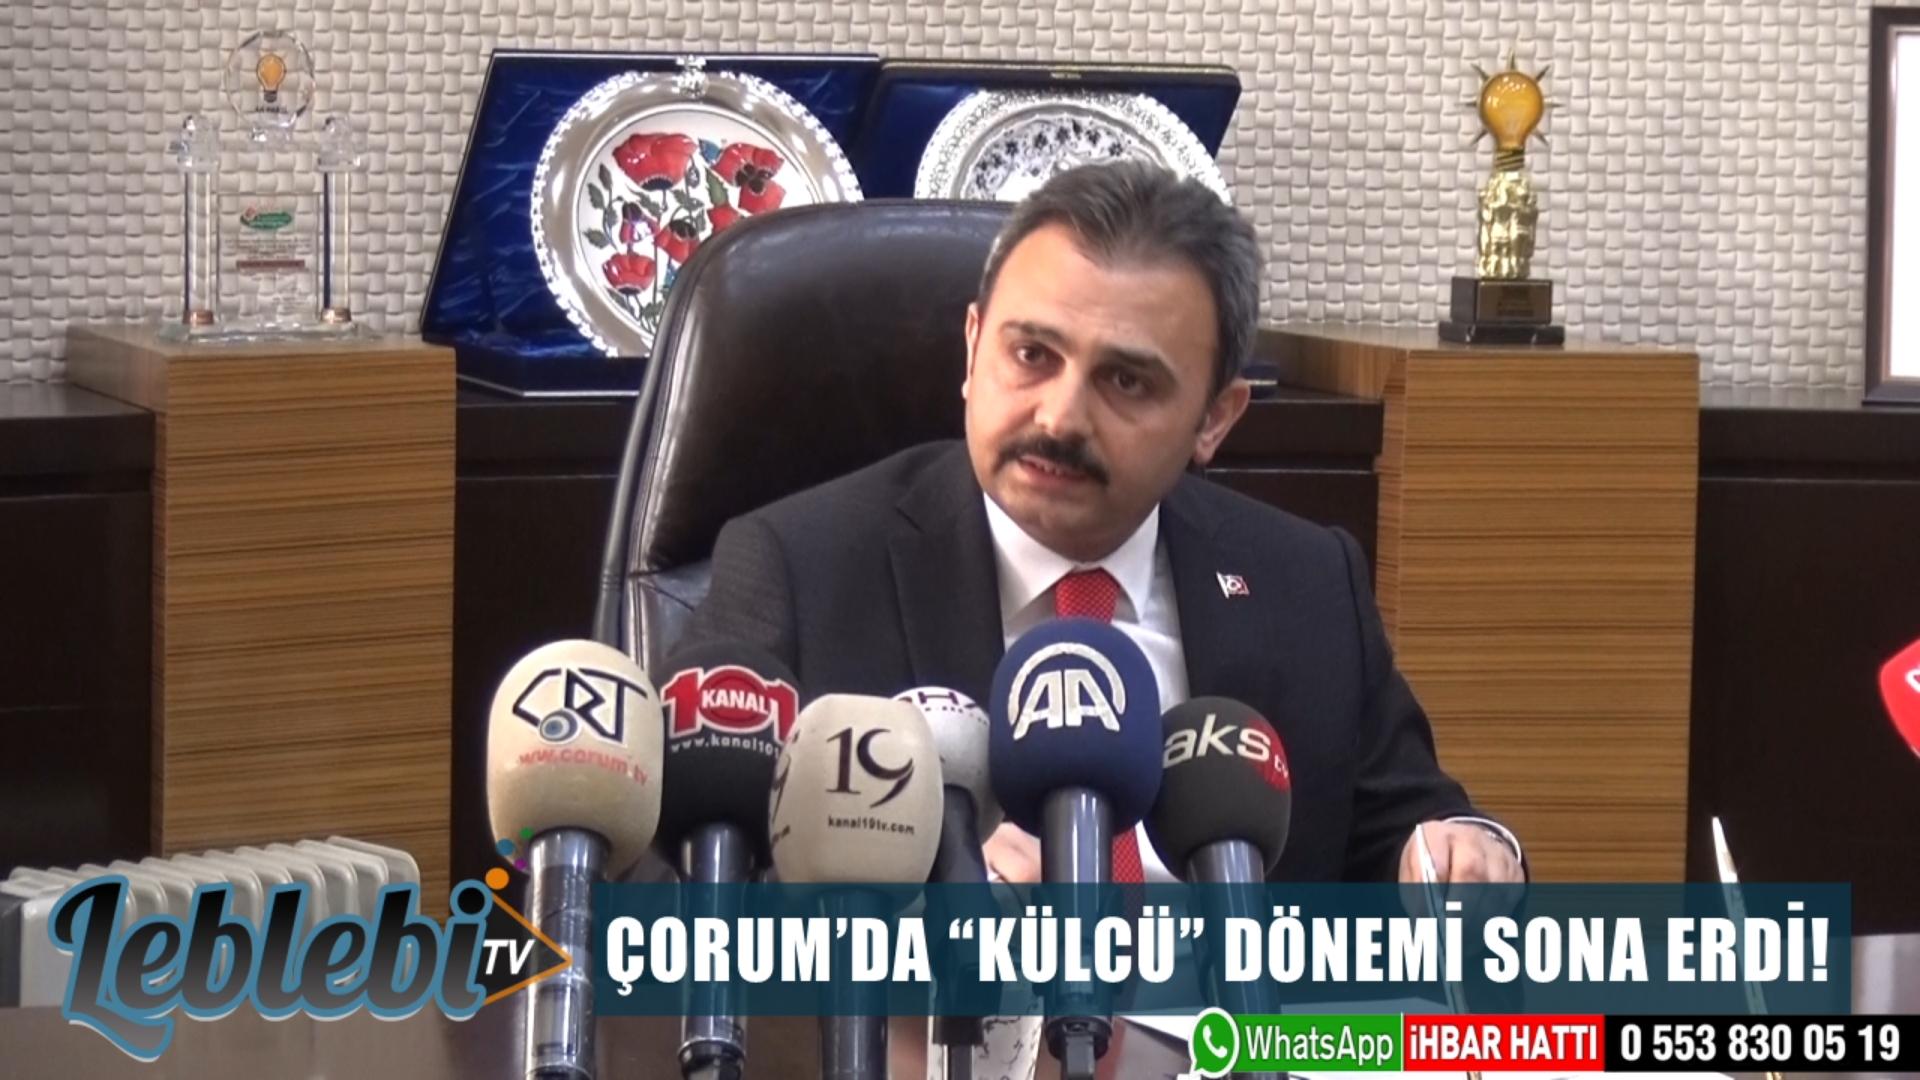 """ÇORUM'DA """"KÜLCÜ"""" DÖNEMİ SONA ERDİ!"""